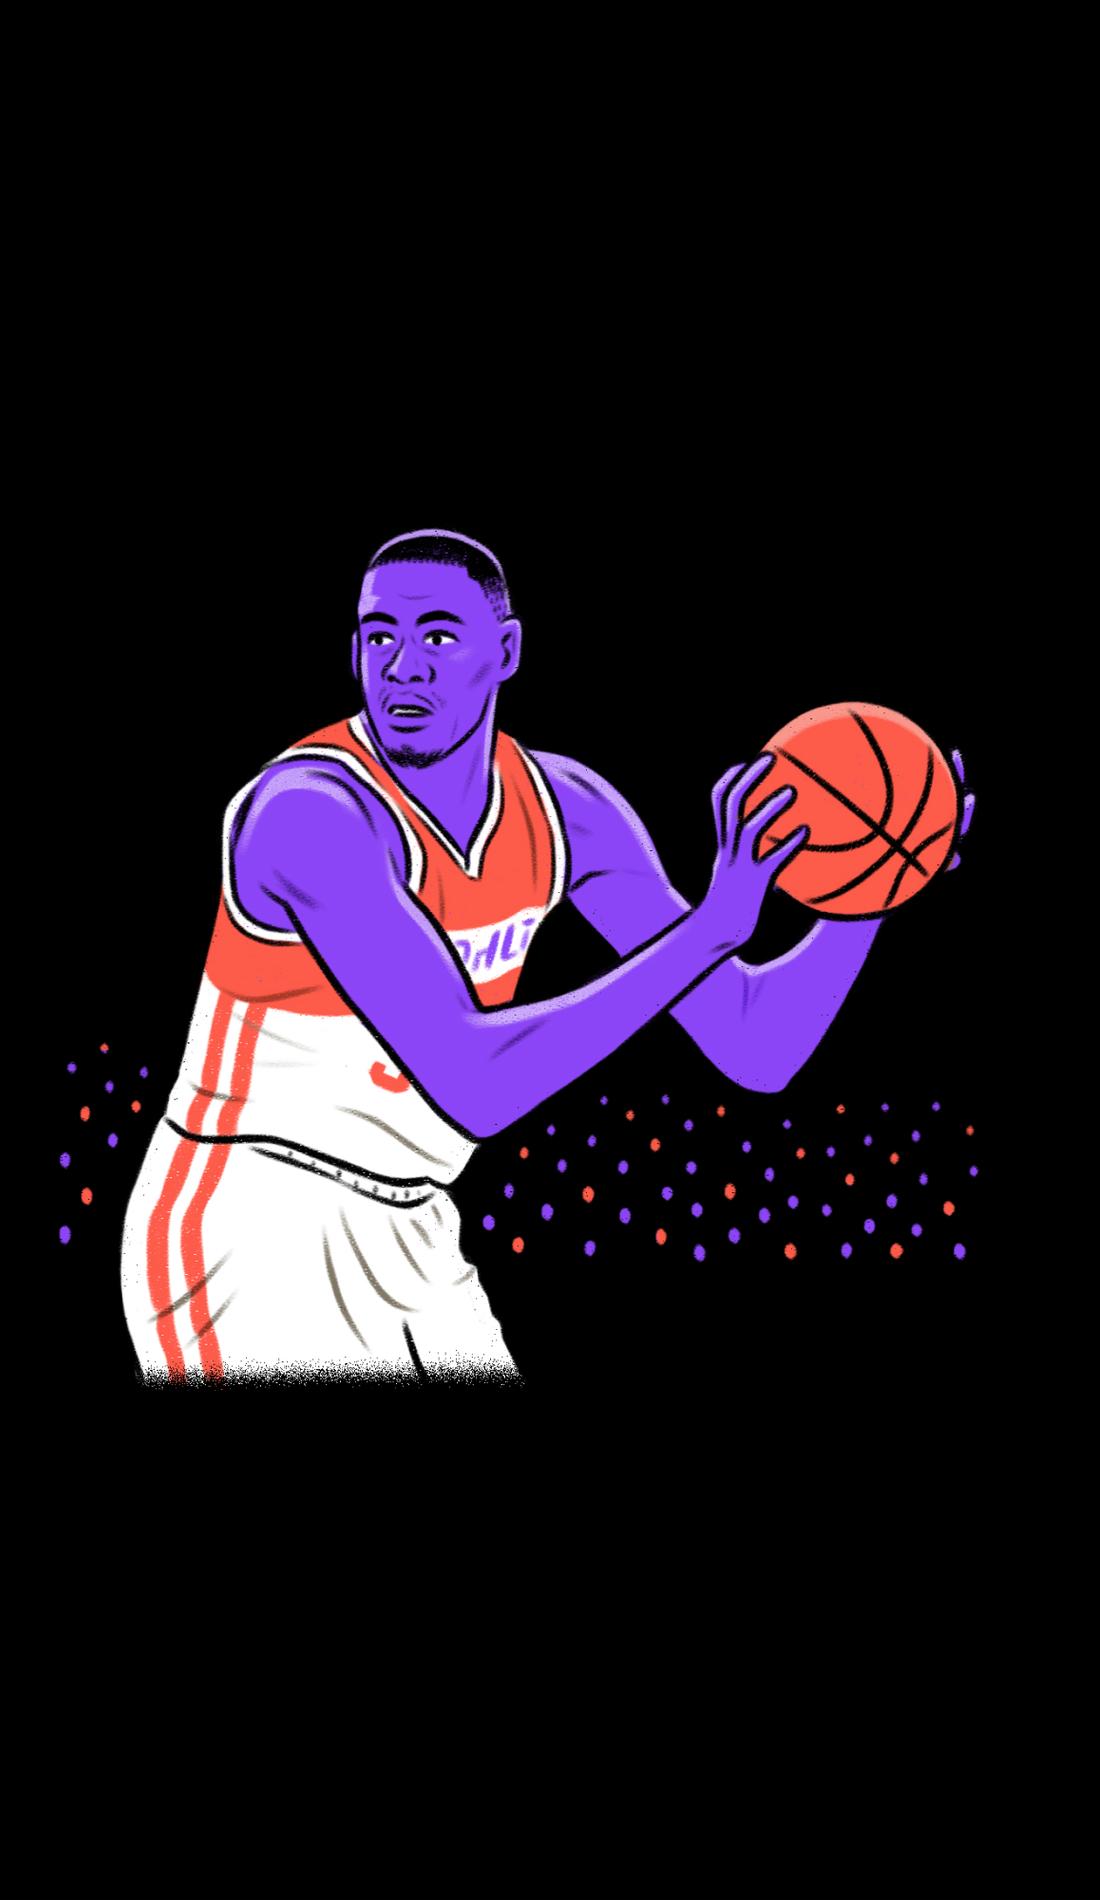 A Arkansas Pine Bluff Golden Lions Basketball live event